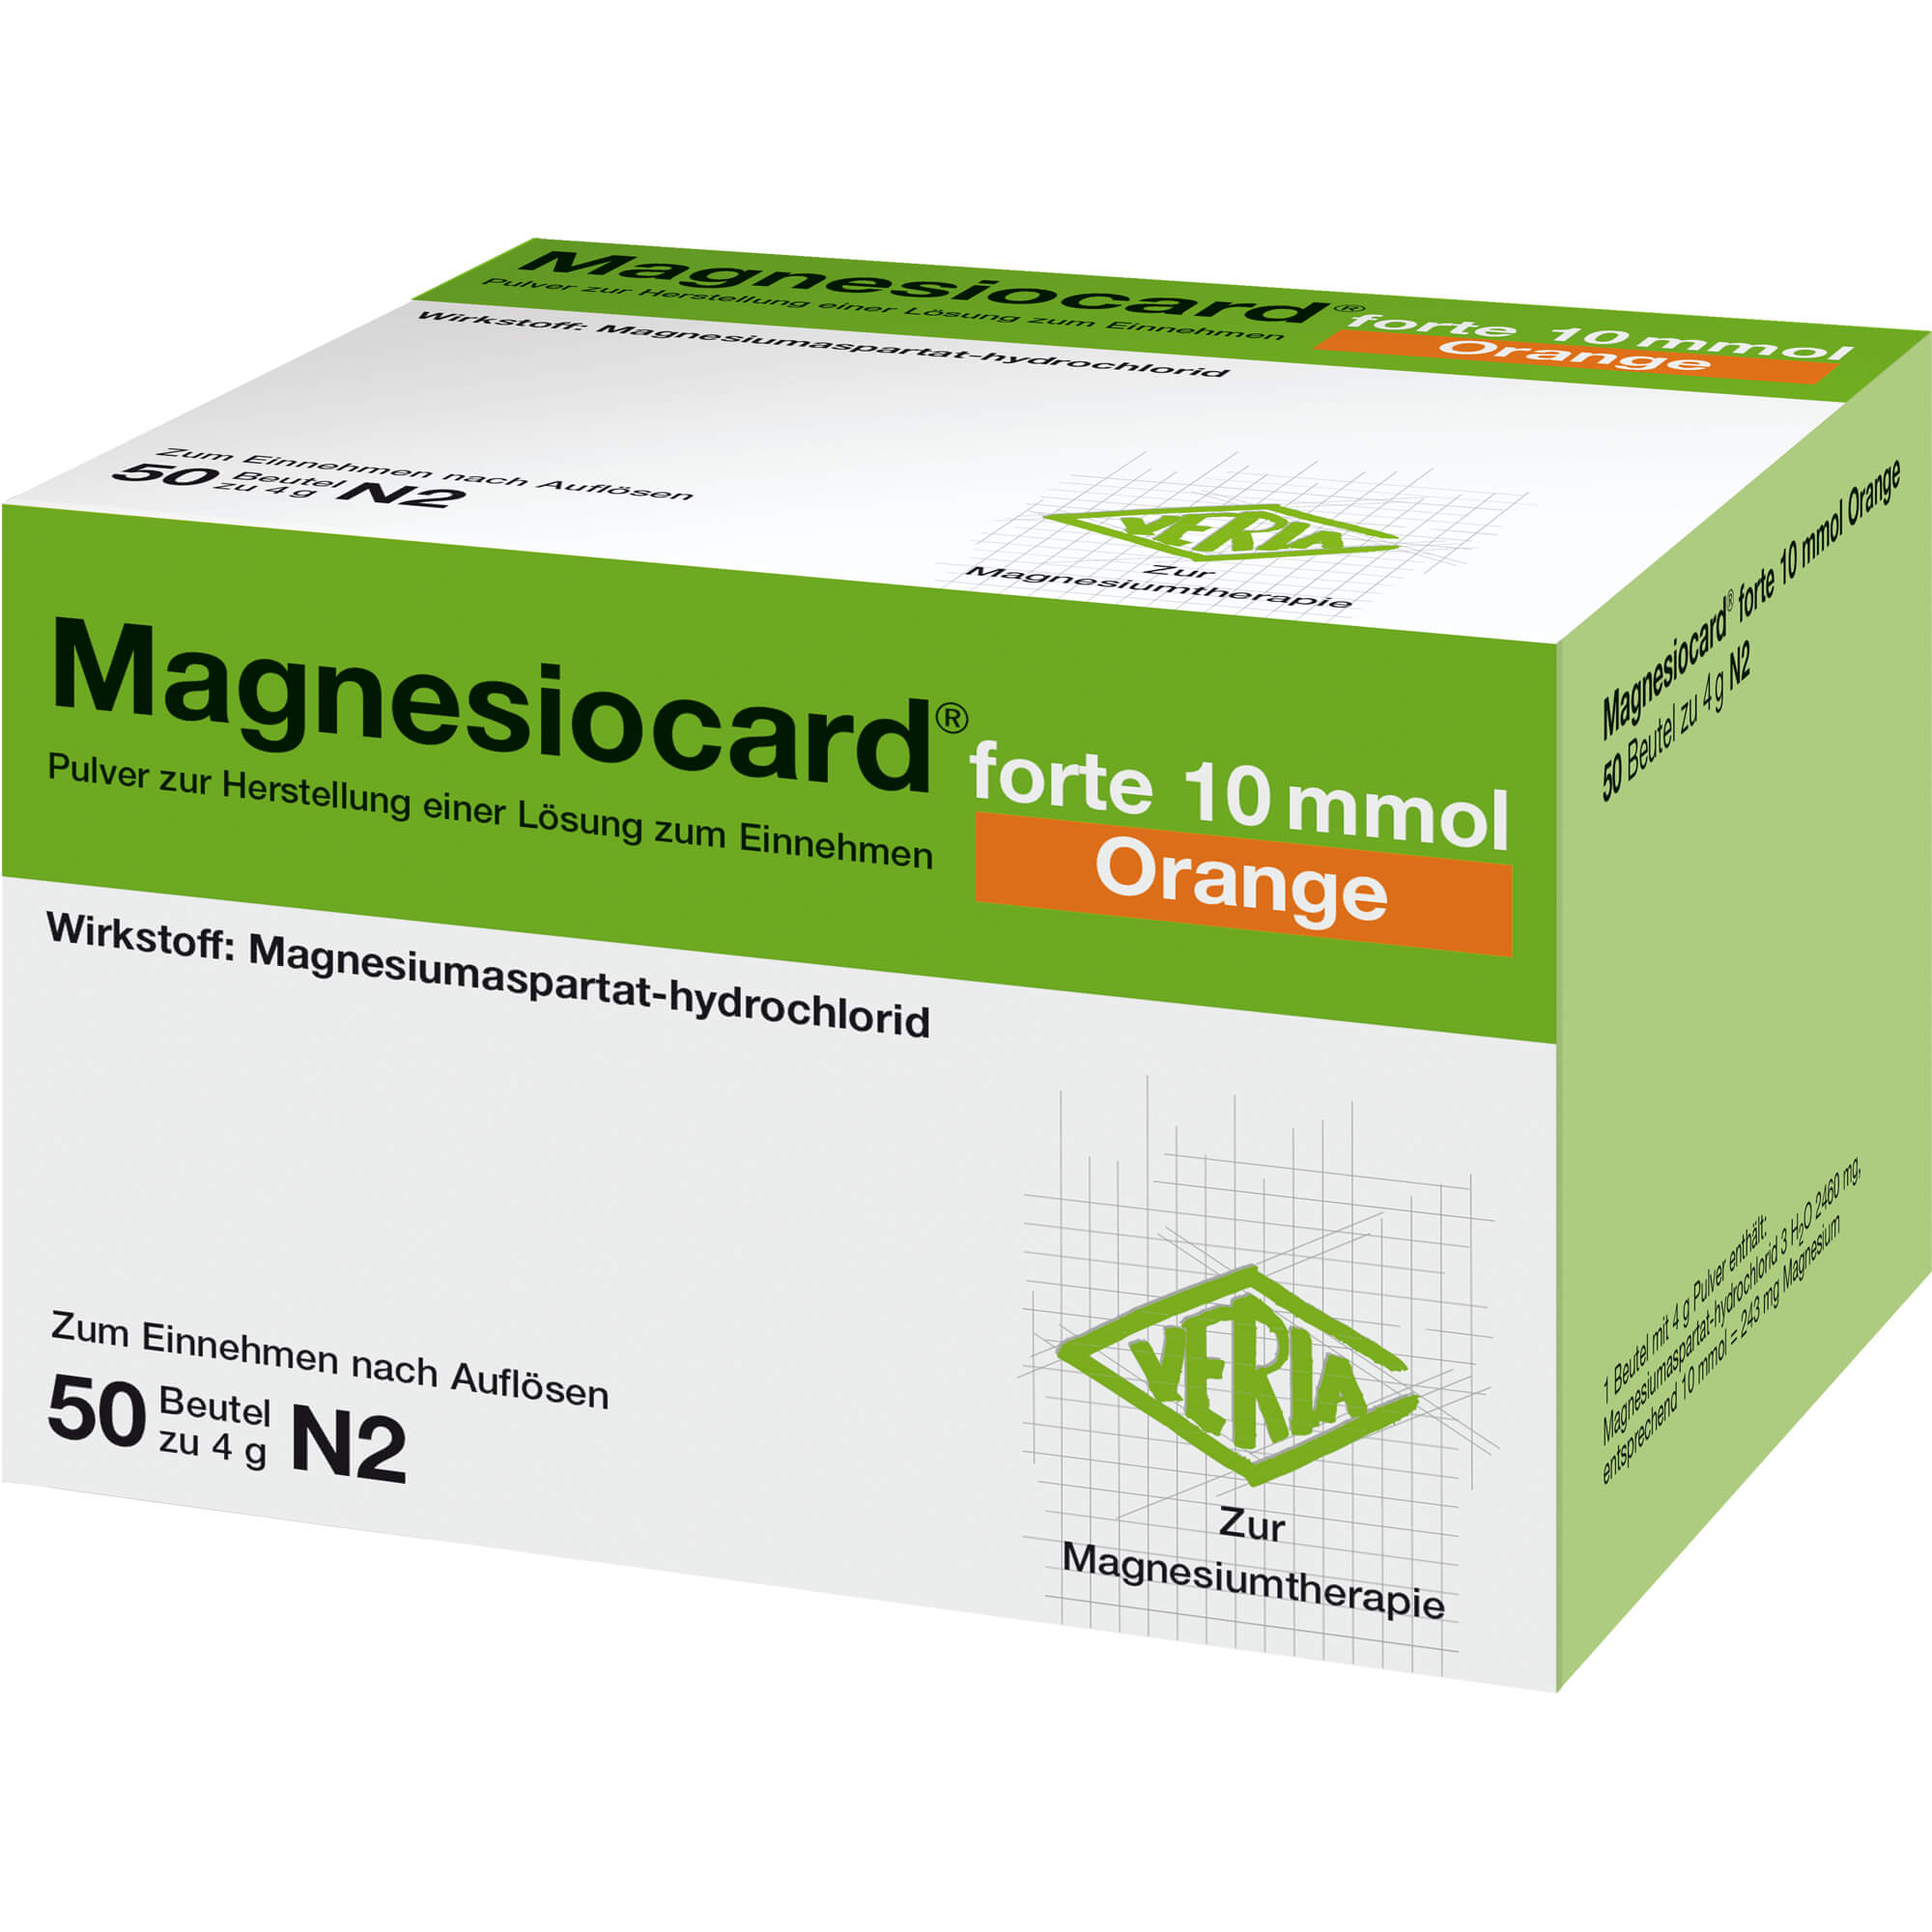 MAGNESIOCARD forte 10 mmol Orange Plv.z.H.e.L.z.E.